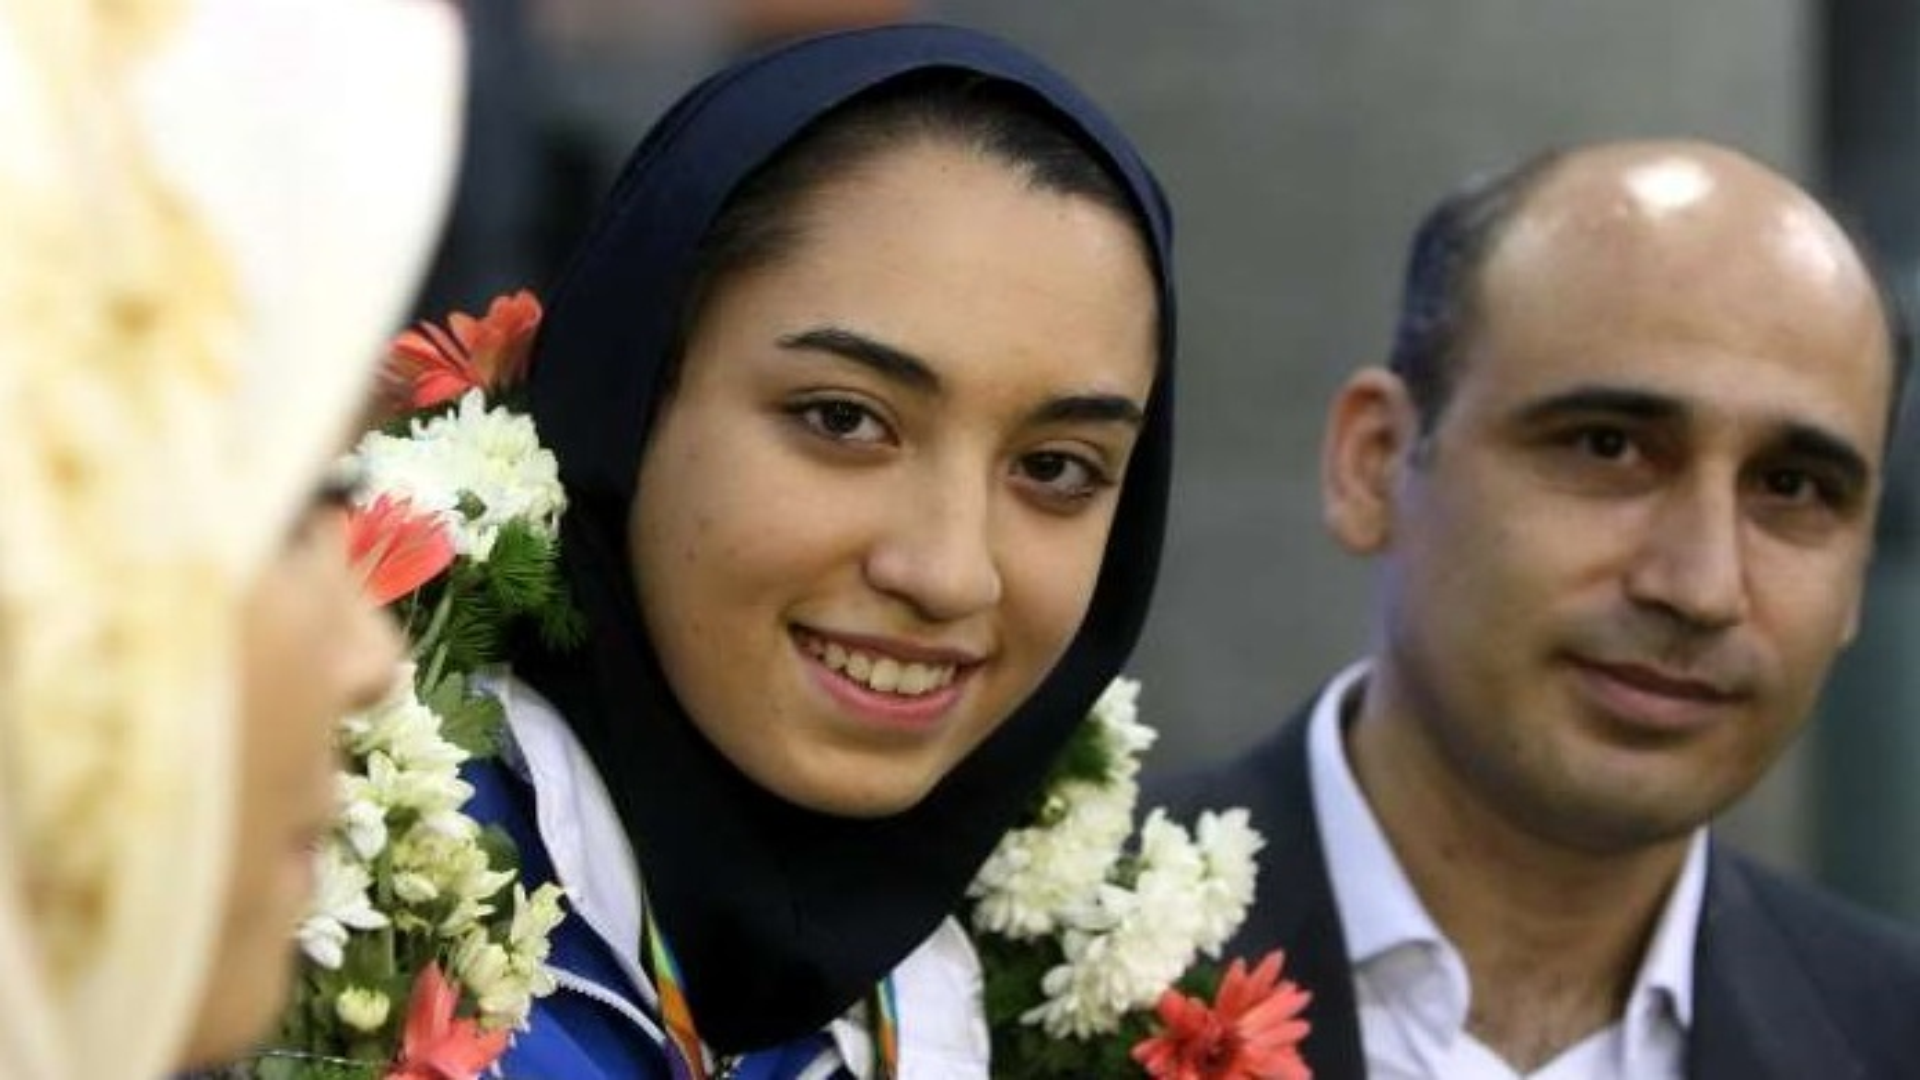 صحبت های پدر کیمیا علیزاده در مور دخترش در خندوانه + فیلم